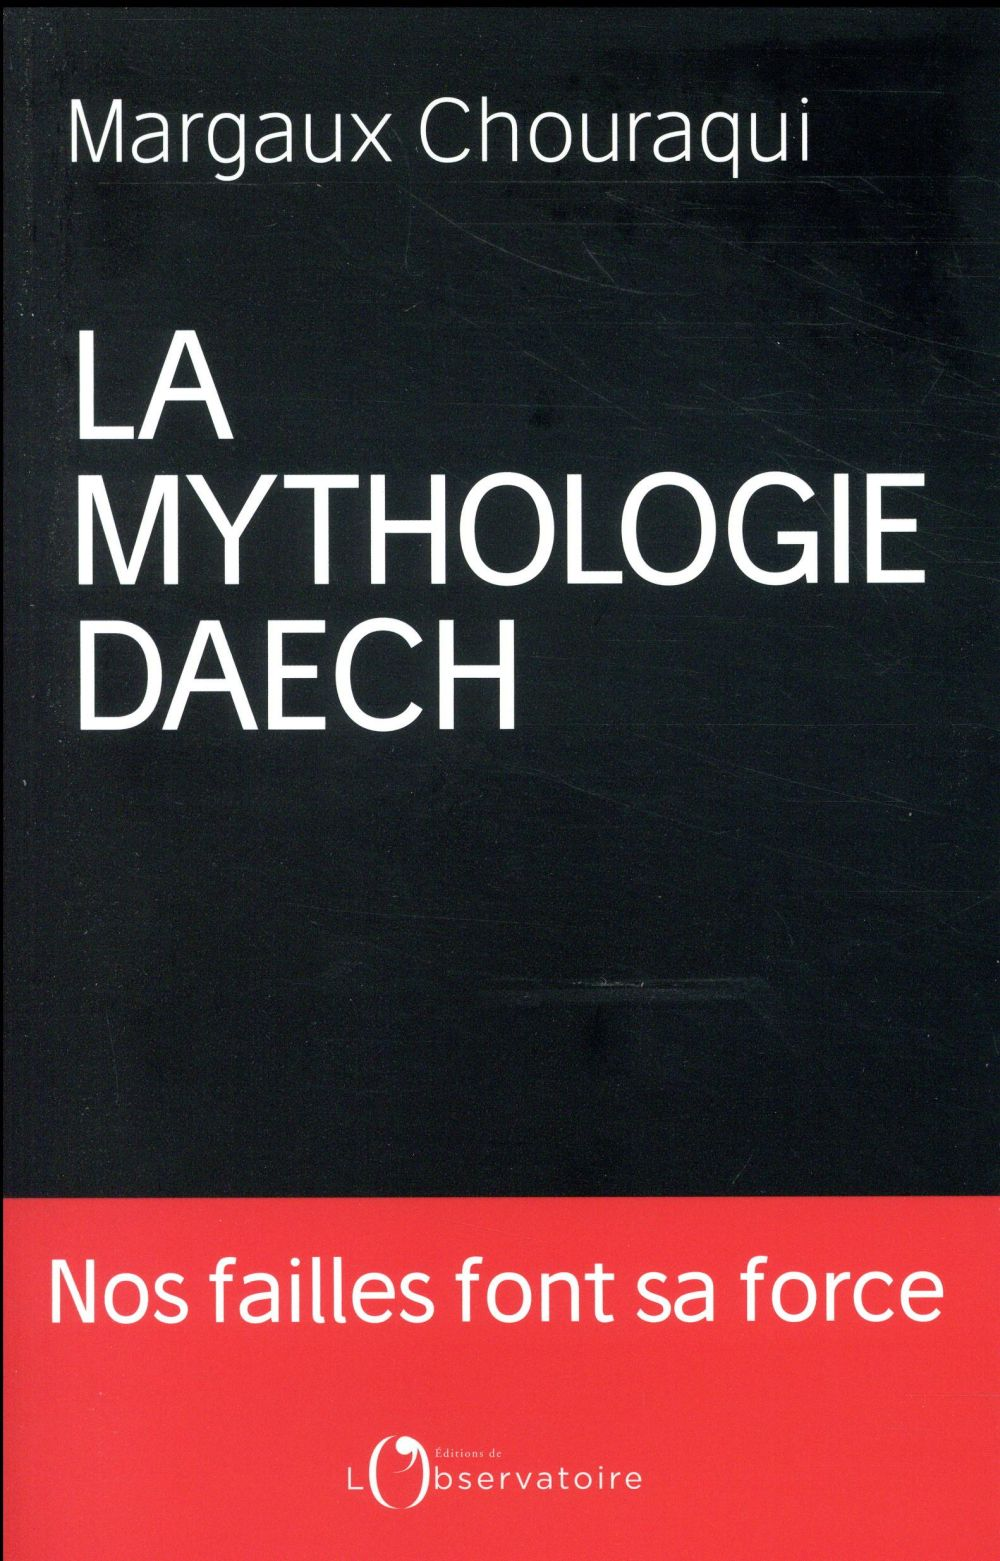 La mythologie Daech